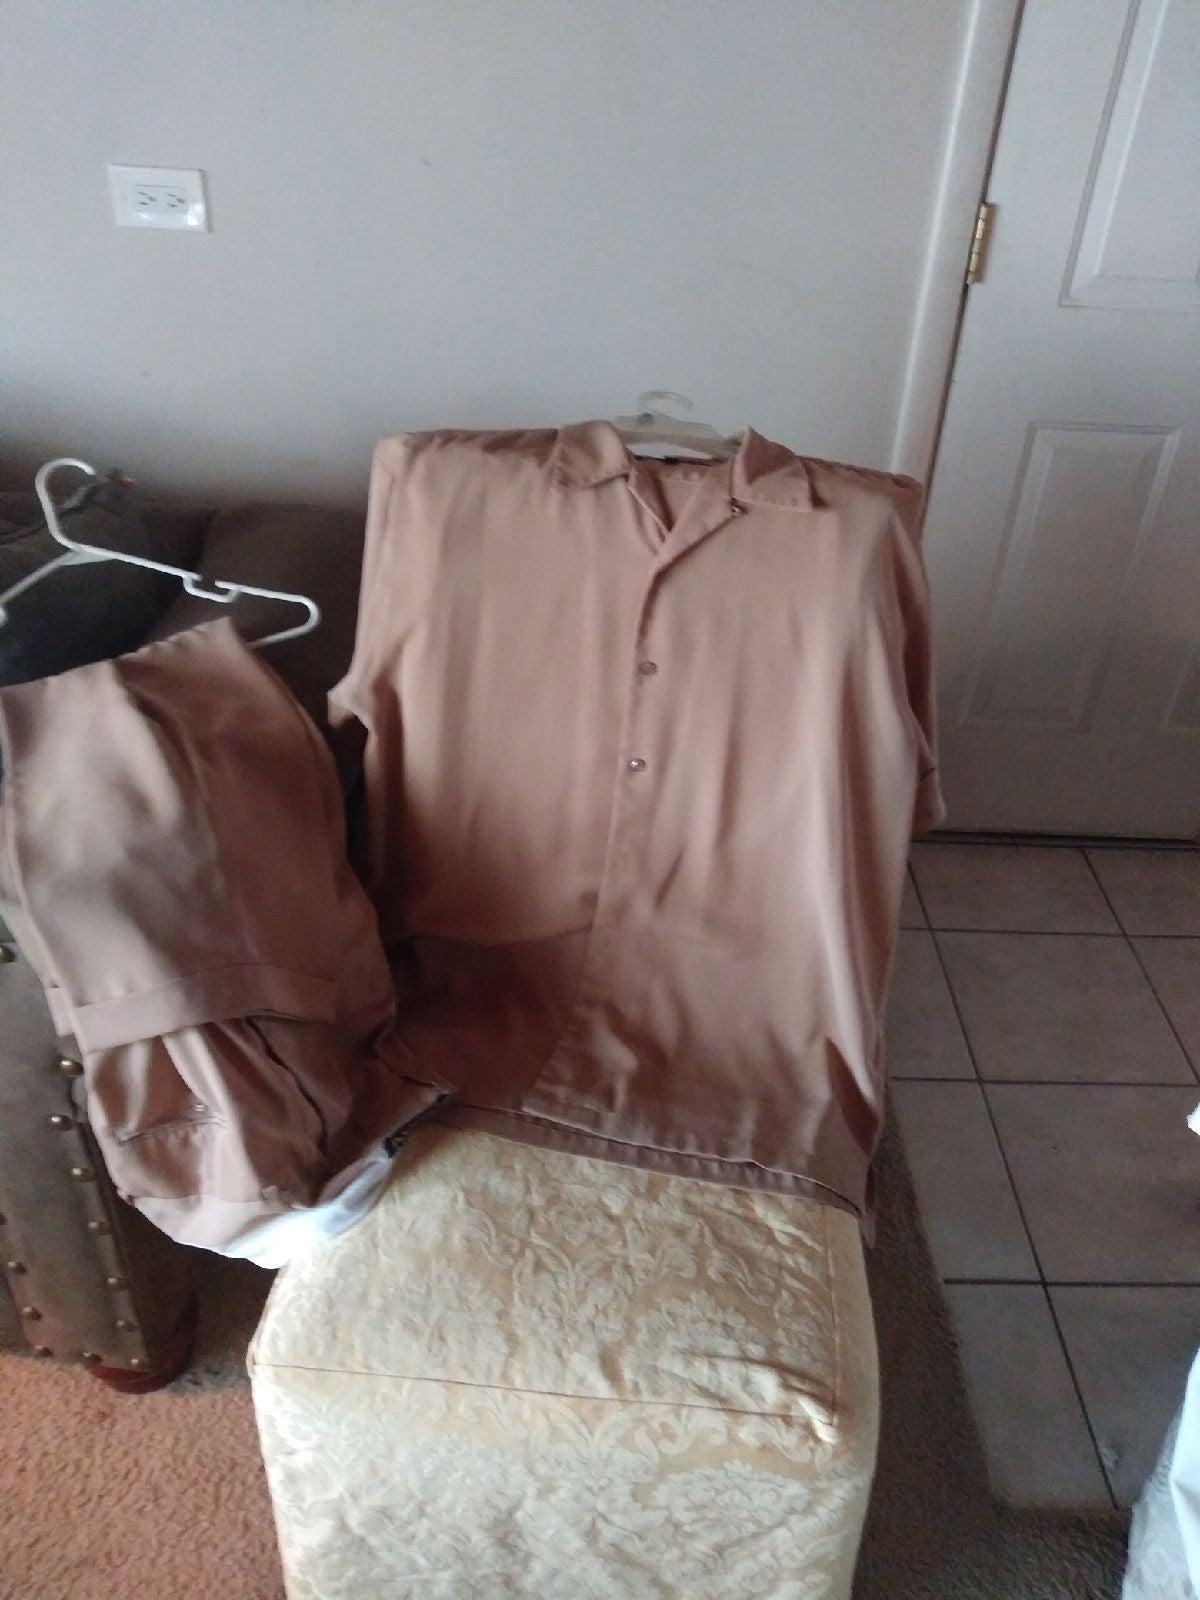 3 Men's XL Walking Suits, 1 Men's Wool C